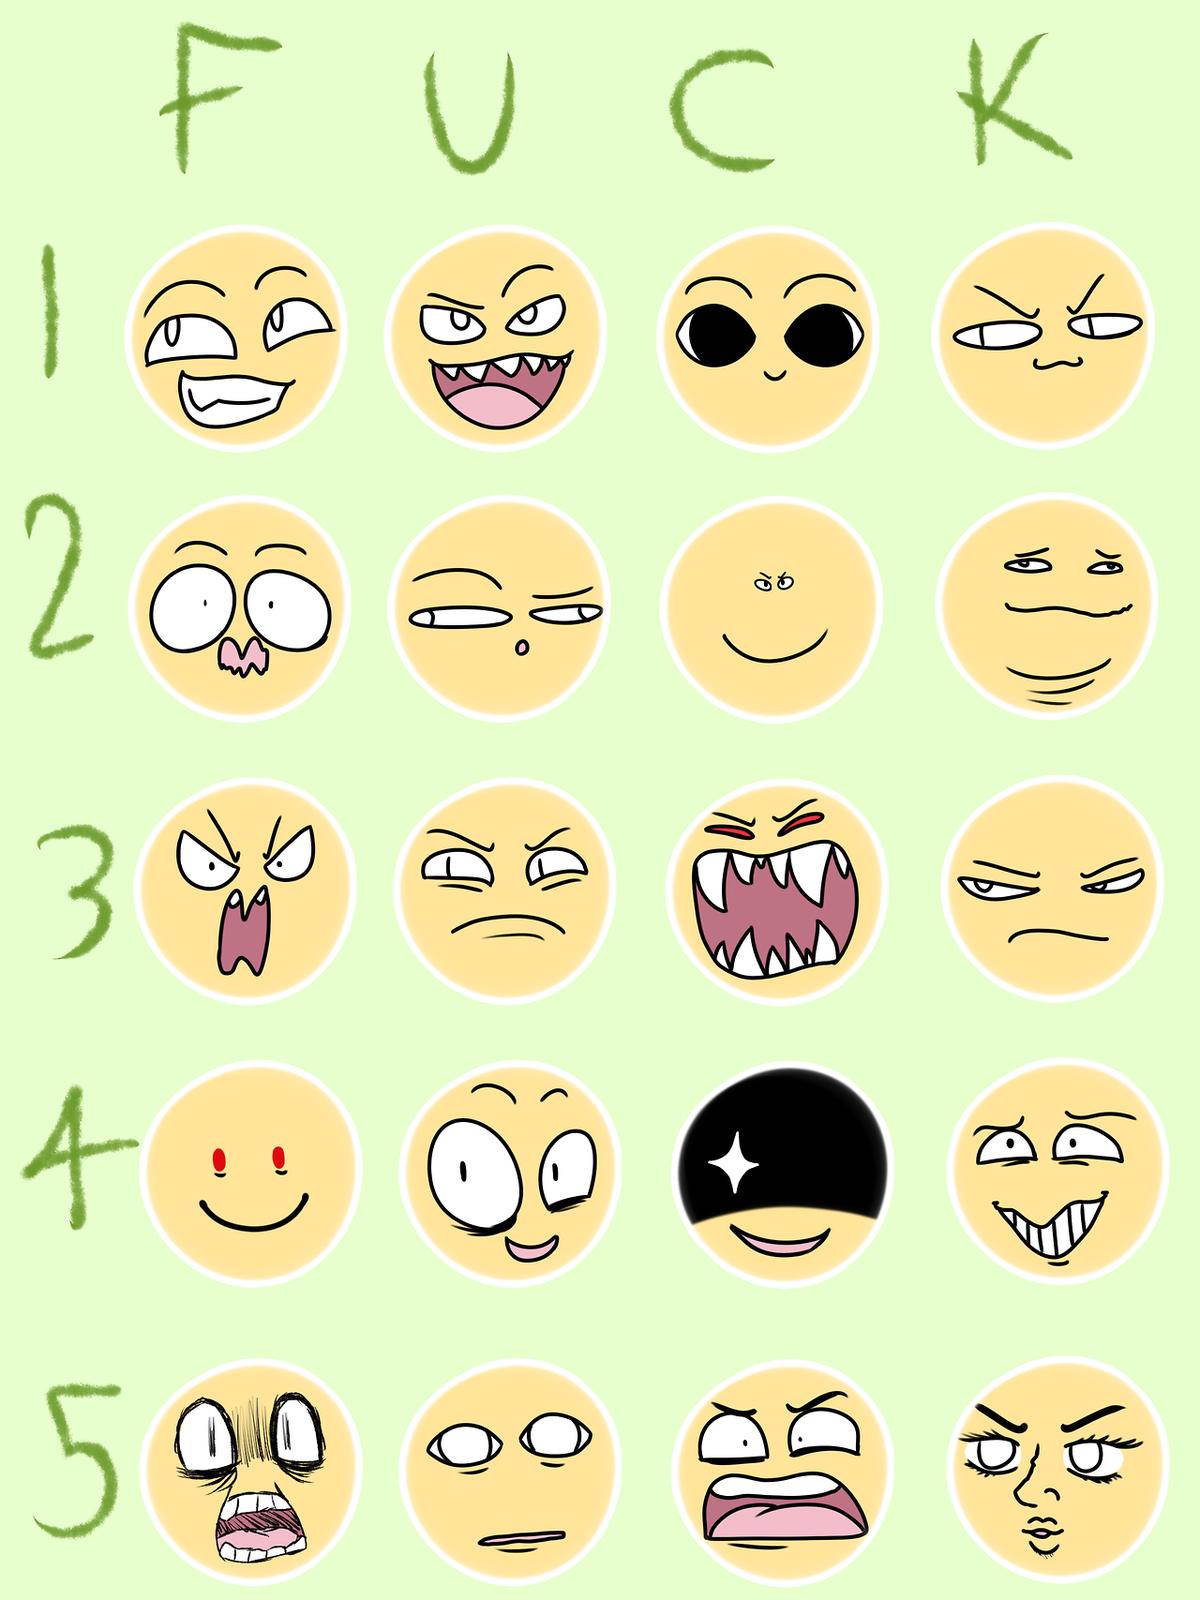 Картинка с эмоциями для рисования